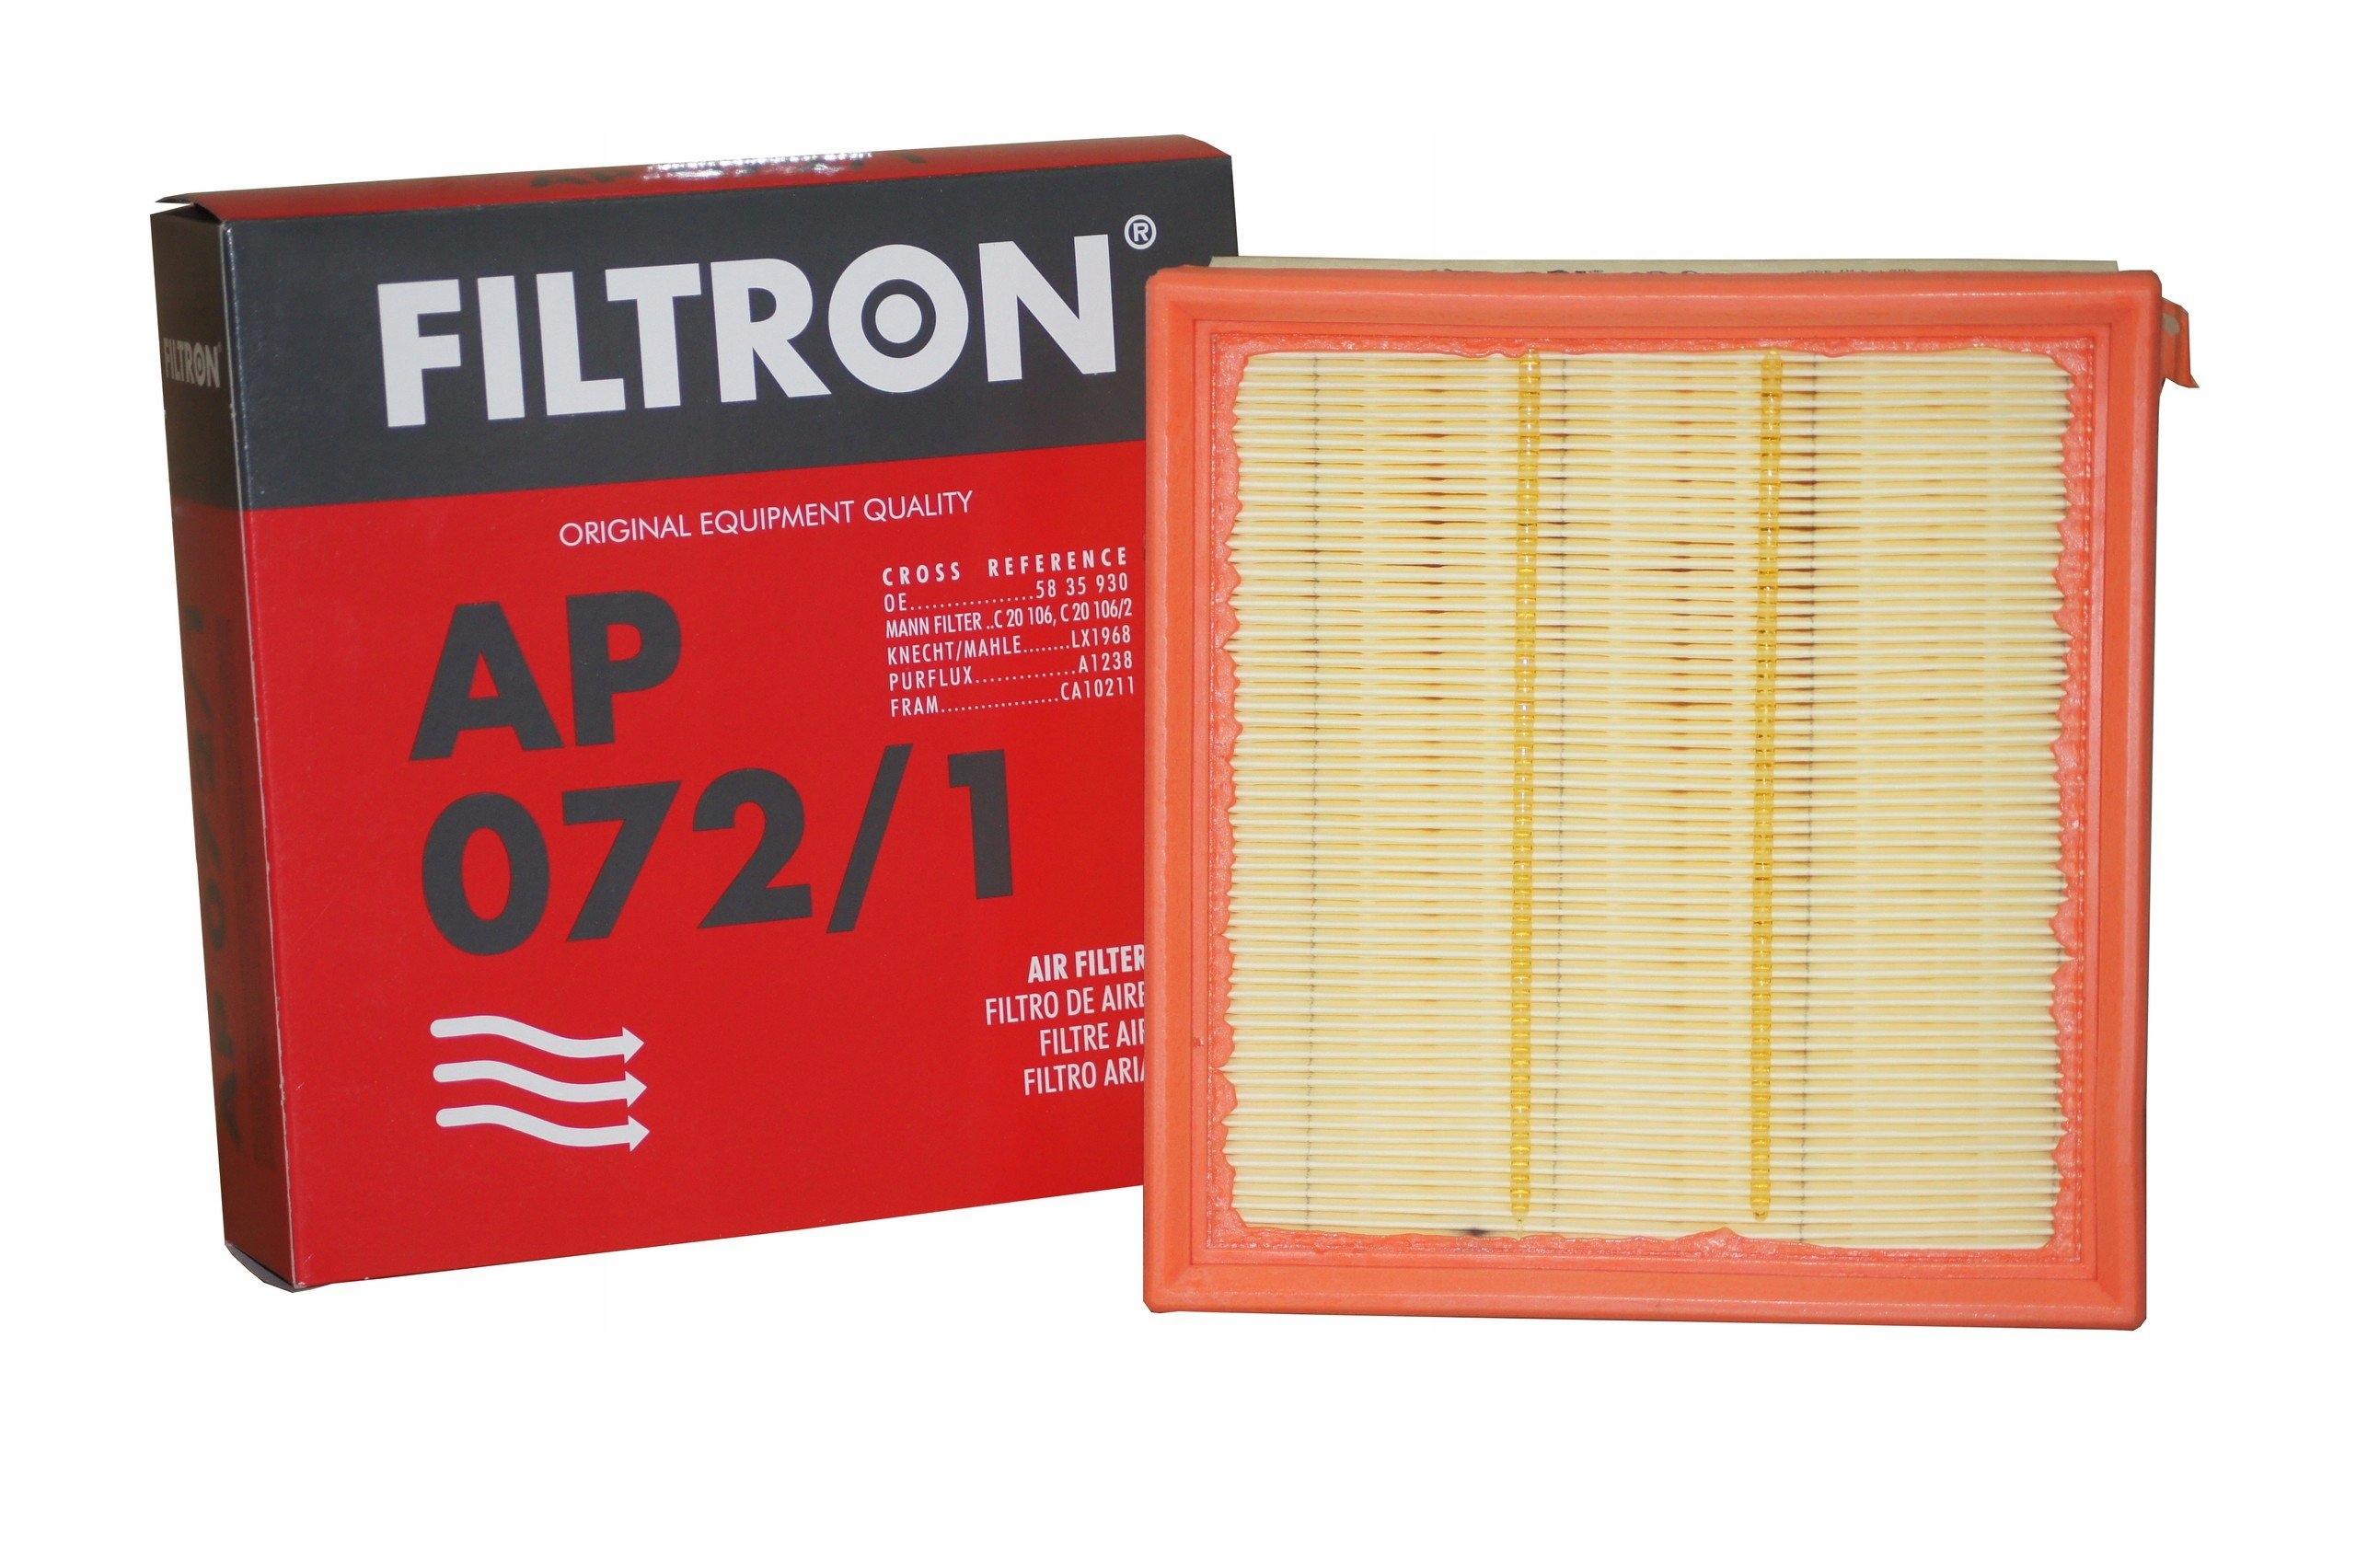 FILTRON Фильтр воздушный AP 072/1